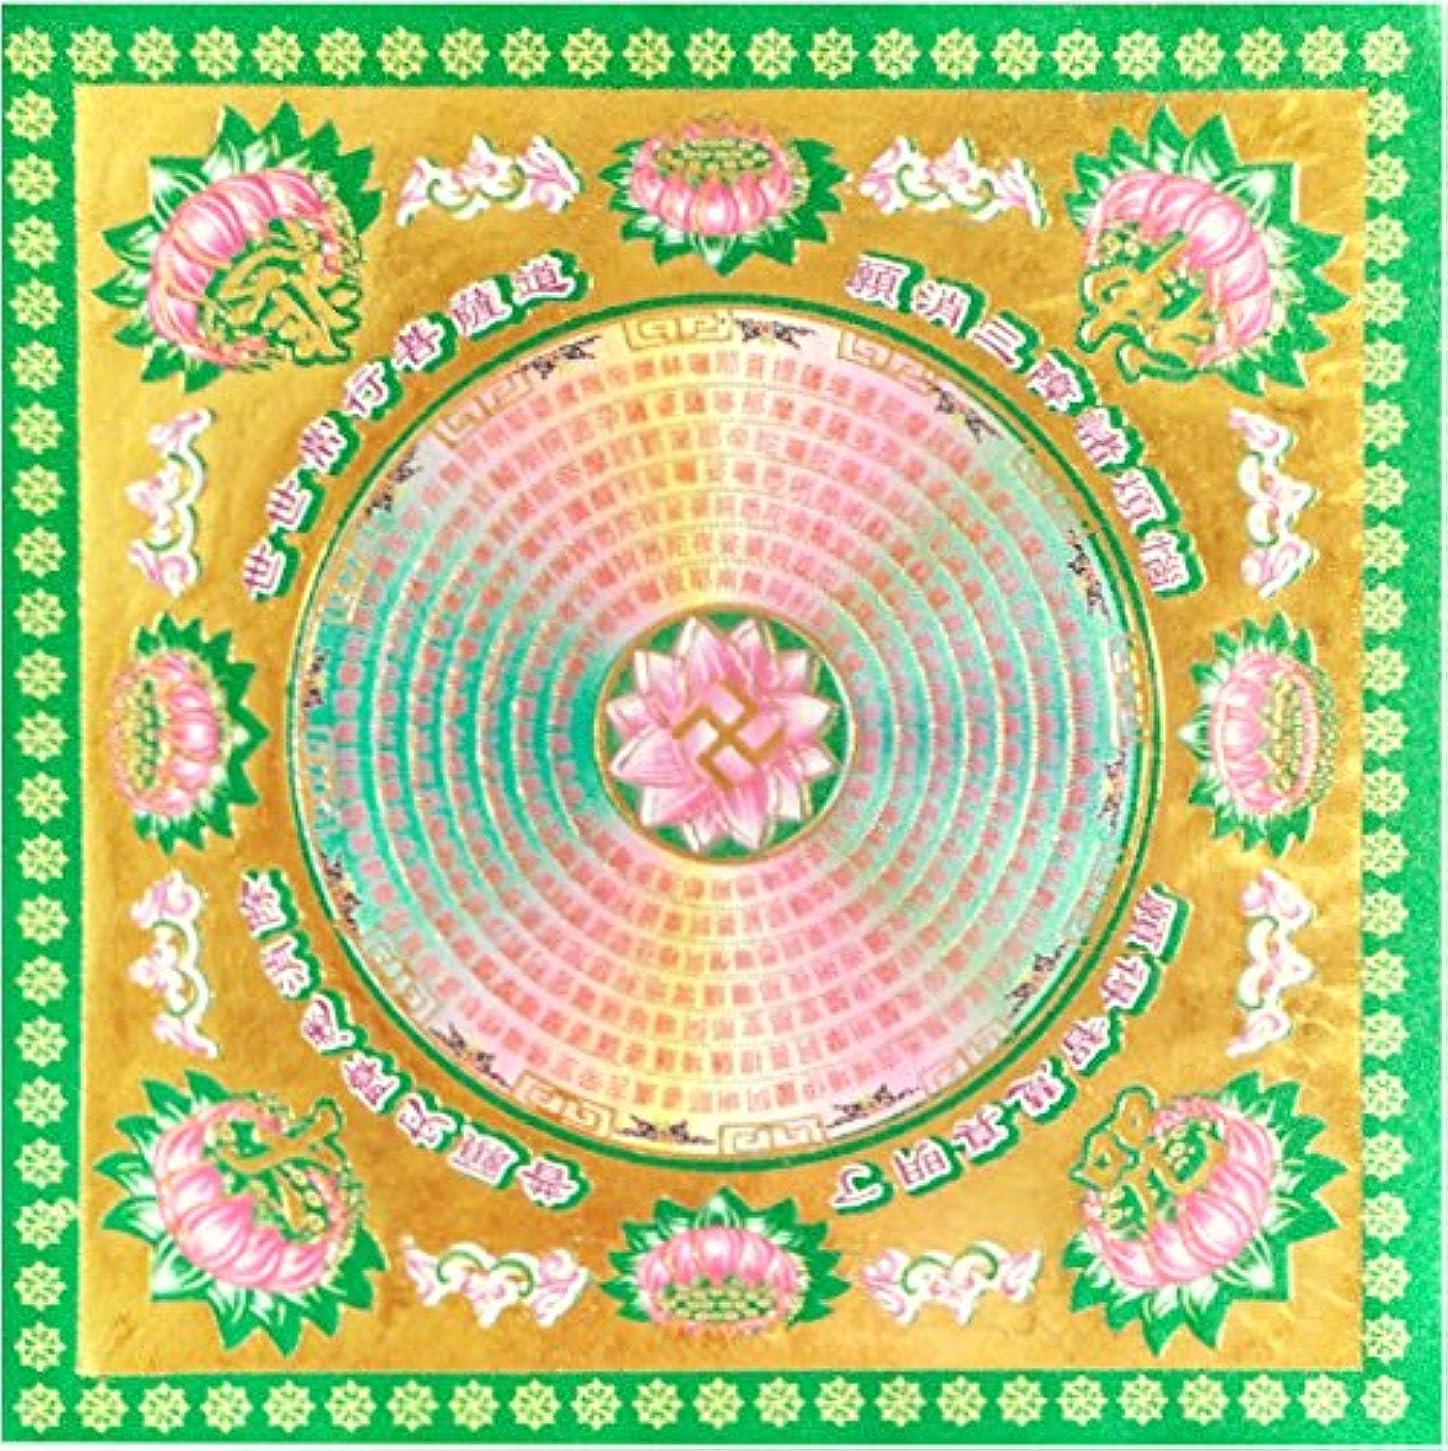 差し引く共感する彫刻紙香 / 冥銭 49枚 高級 金箔付き色彩豊か (サイズ S) 祖先への祈りのため 7.5インチ×7.5インチ(緑色)